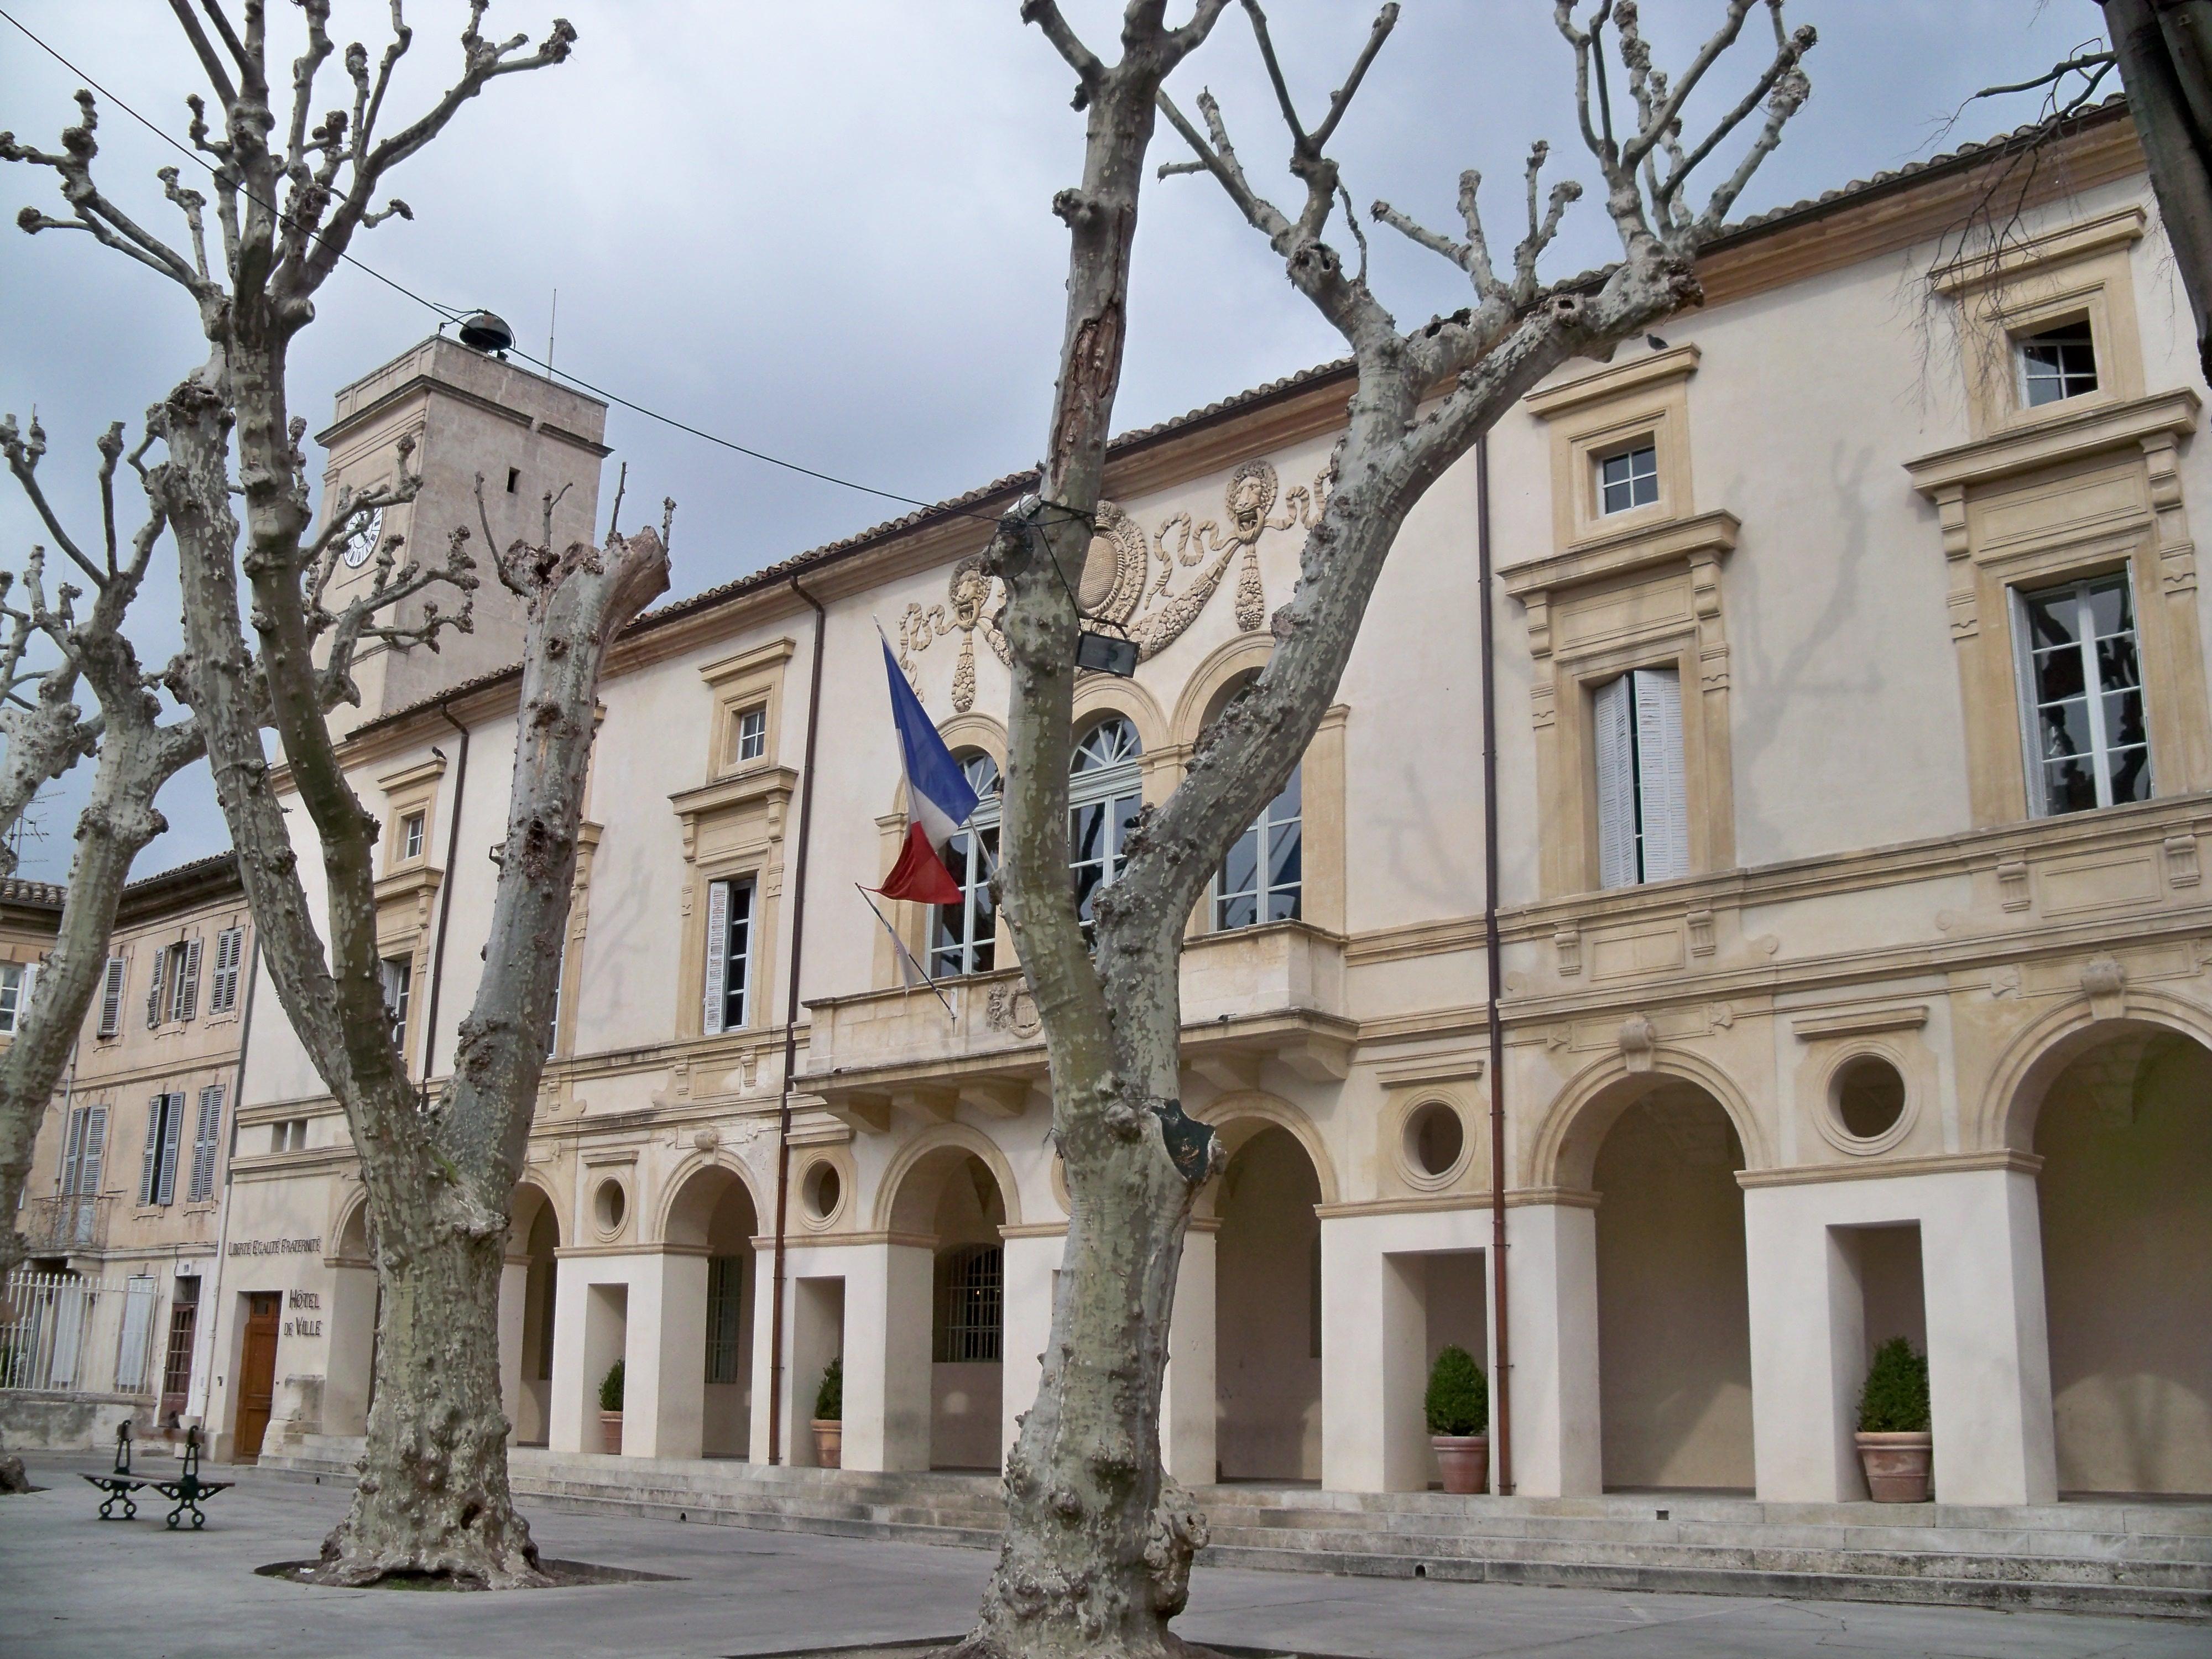 Saint remy de provence france pictures for Entretien jardin st remy de provence